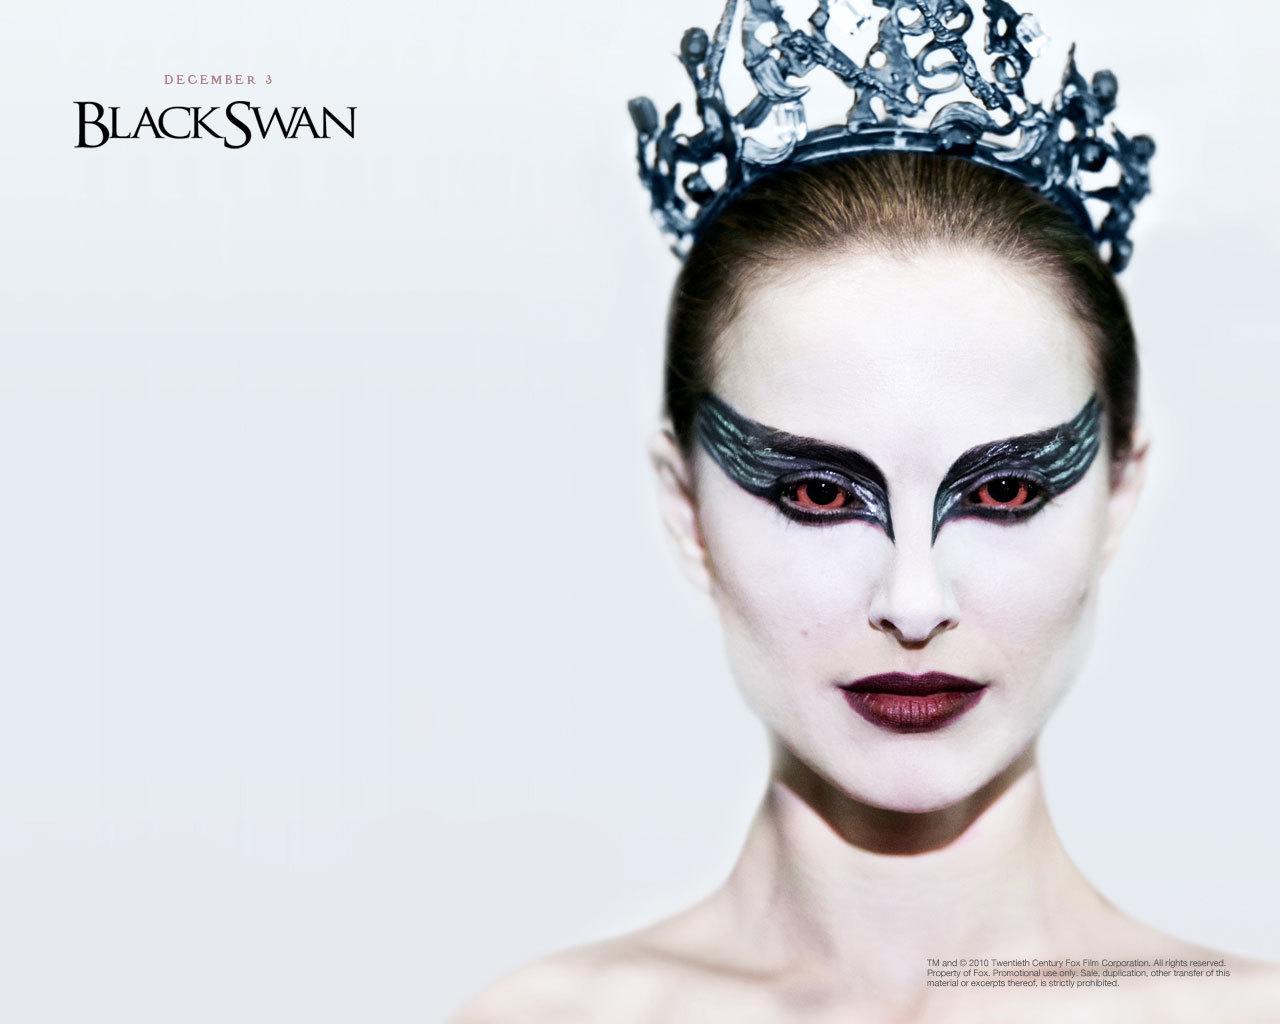 http://1.bp.blogspot.com/_RqFhu7CWo58/TTyxb75itvI/AAAAAAAACyY/y_6N6a7TUkA/s1600/black-swan-portman.jpg